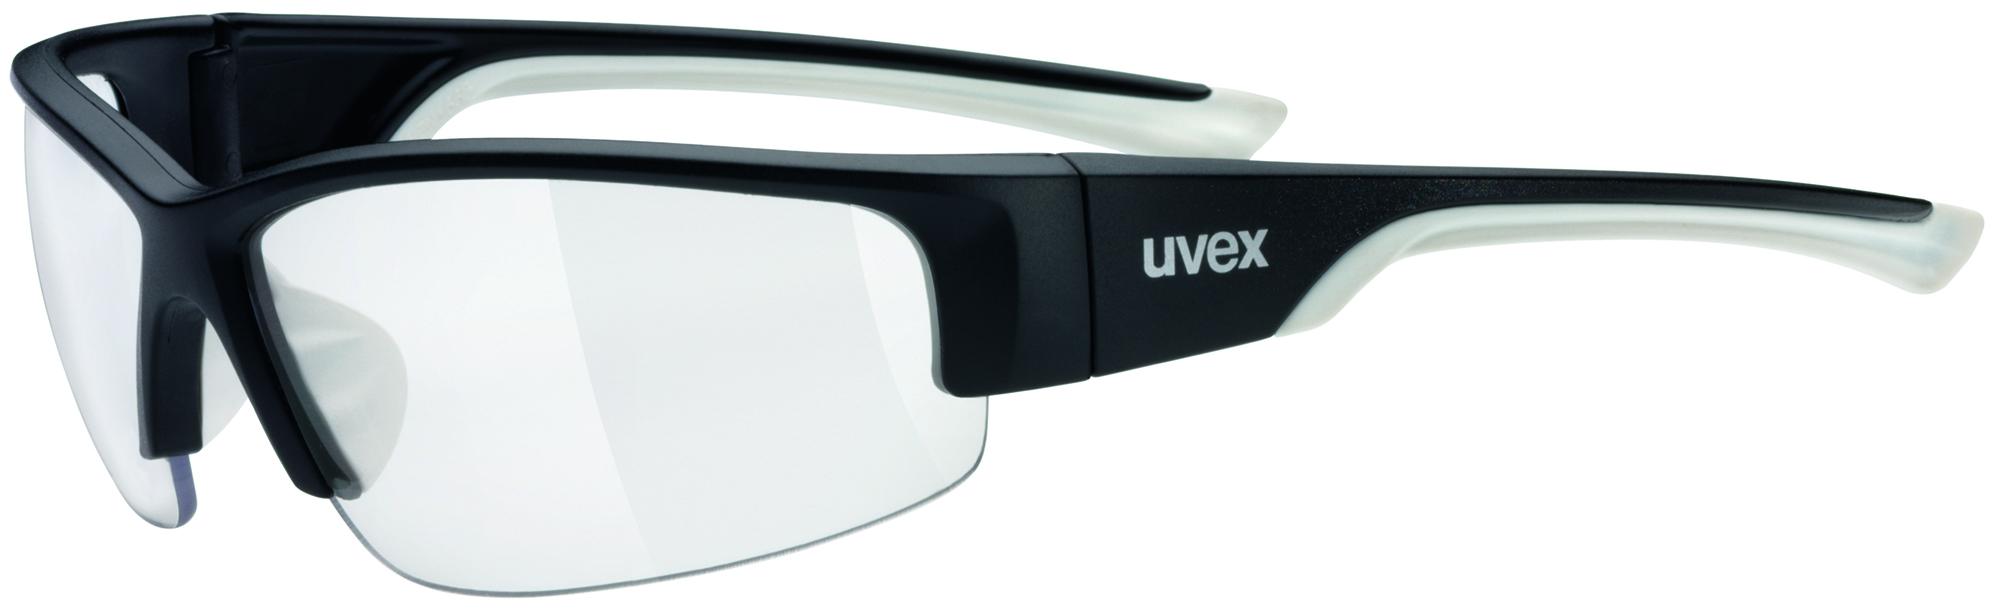 uvex шлем велосипедный uvex i vo c размер 52 56 Uvex Солнцезащитные очки Uvex Sportstyle 215